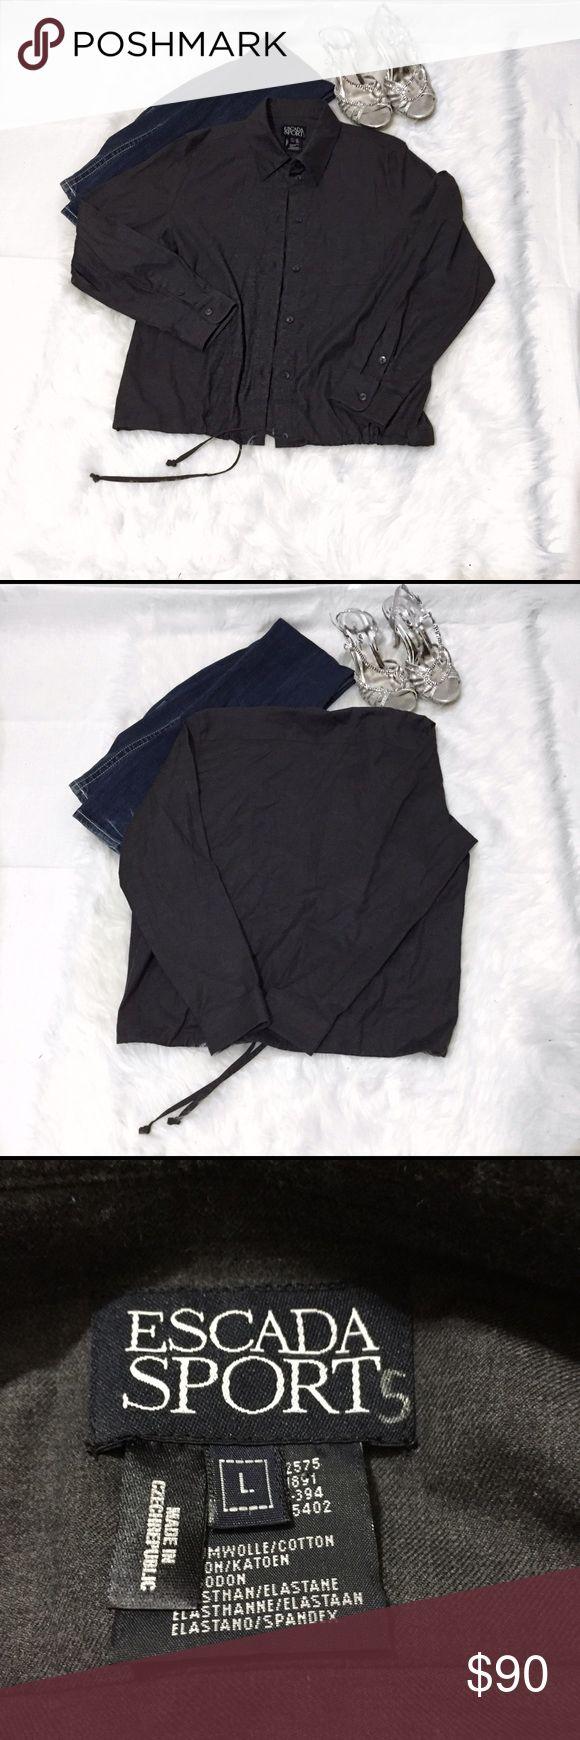 ‼ Escada Sport Light Jacket ‼ Excellent condition. No signs of wear. 96% cotton, 4% spandex. Escada Sport Jackets & Coats